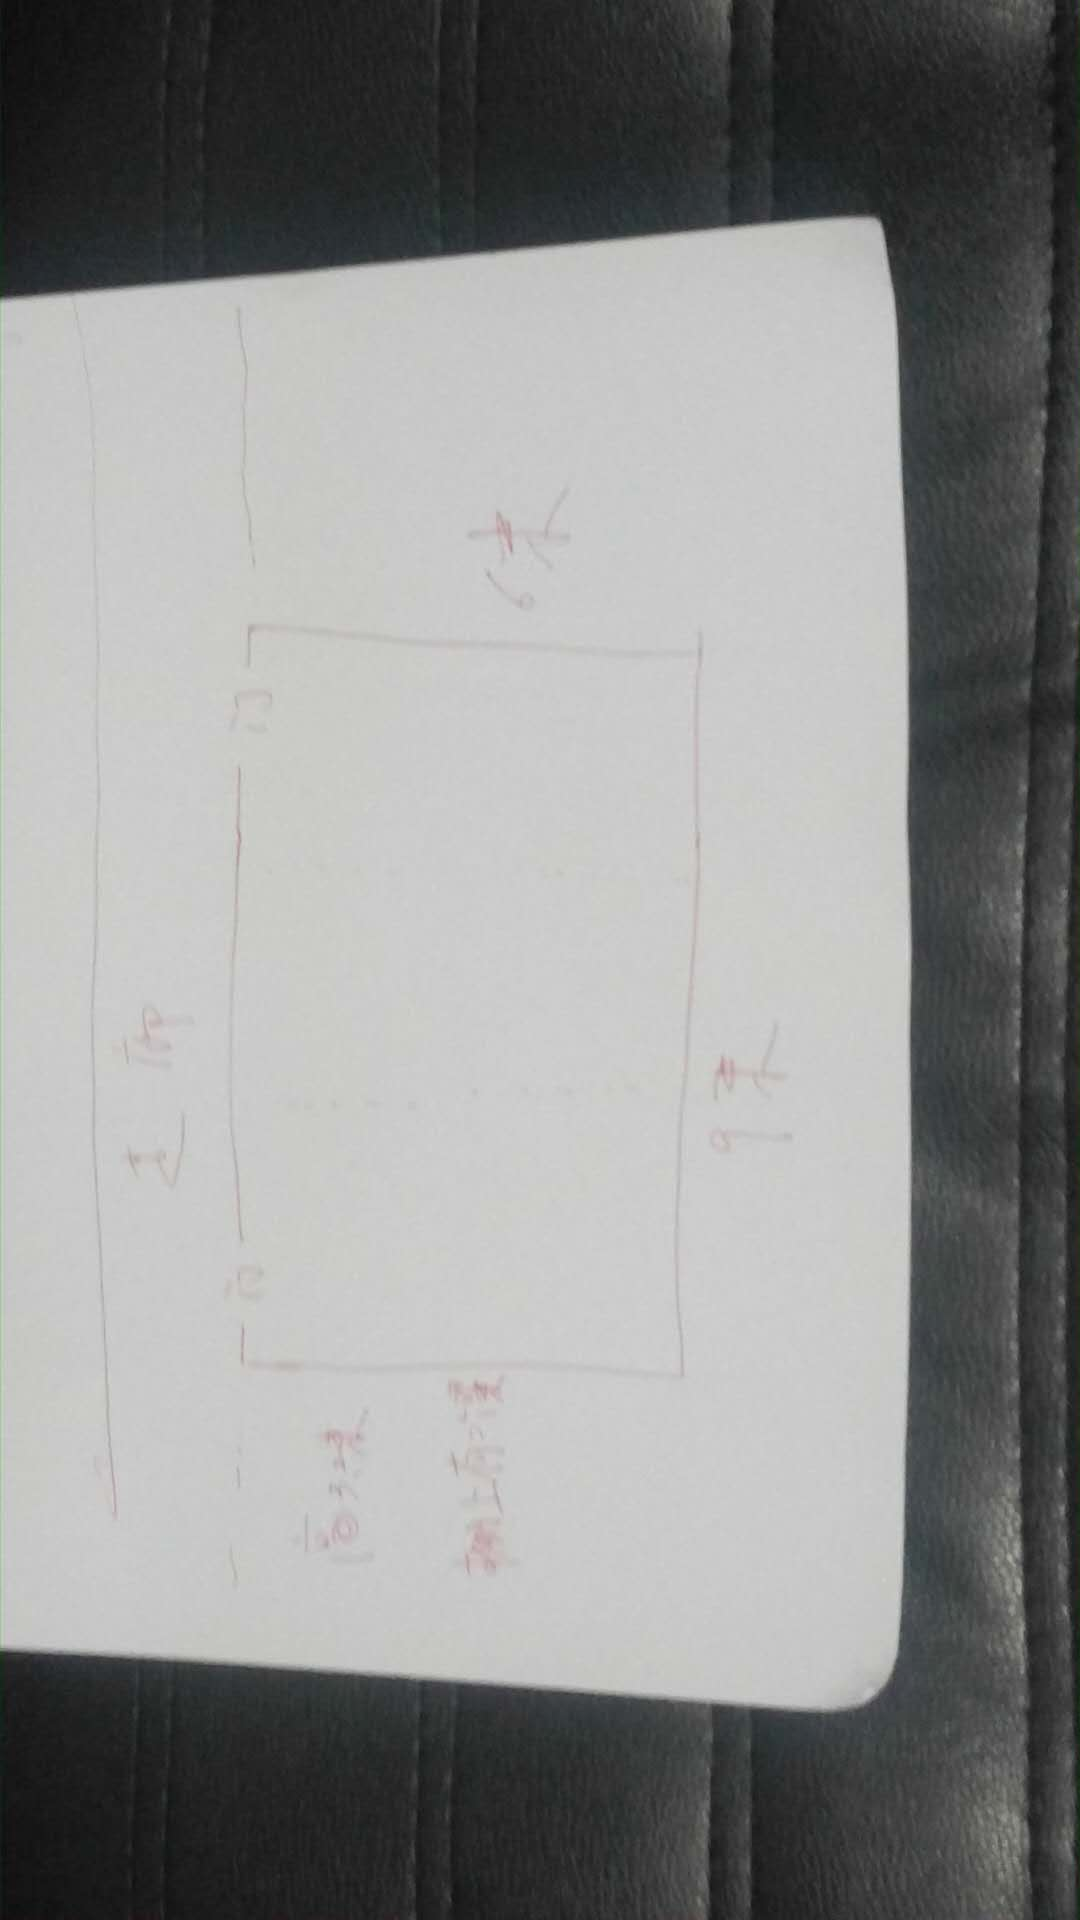 吉林省洮南市教育局_洮南市公安局禁毒教育展厅项目(策划方案设计)